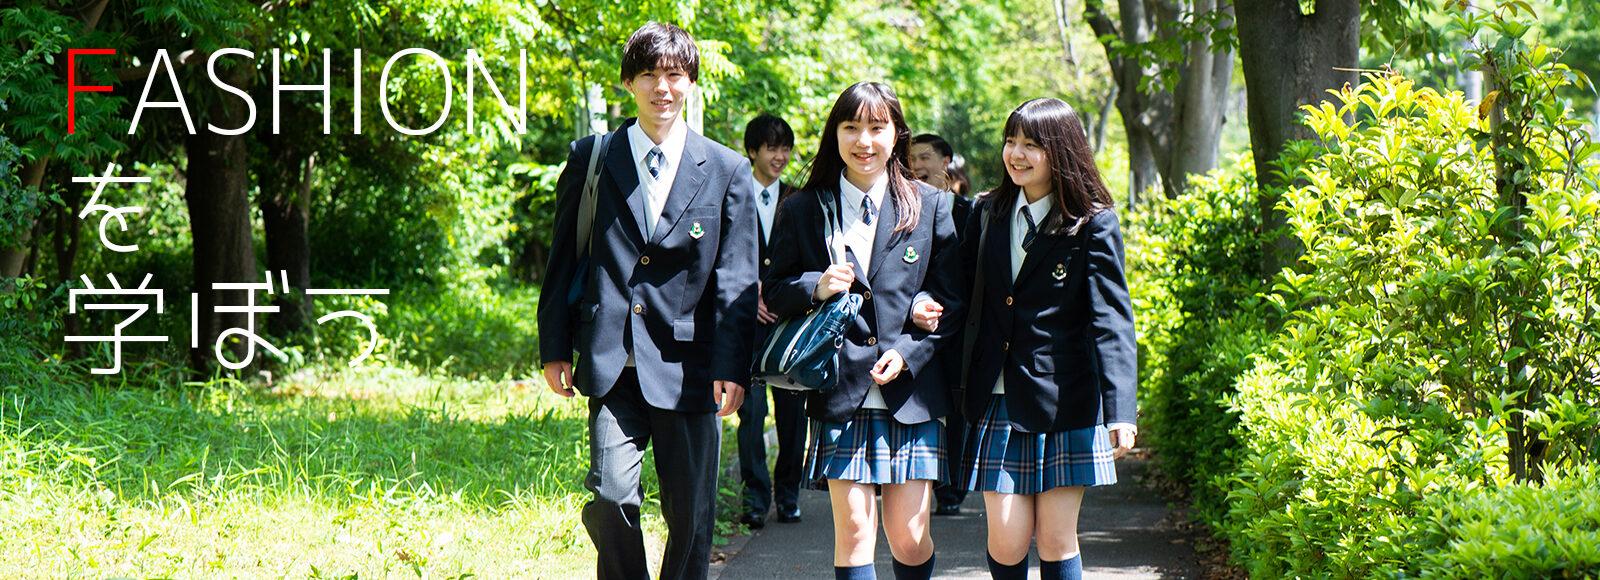 江東服飾高等専修学校 - FASHIONを学ぼう